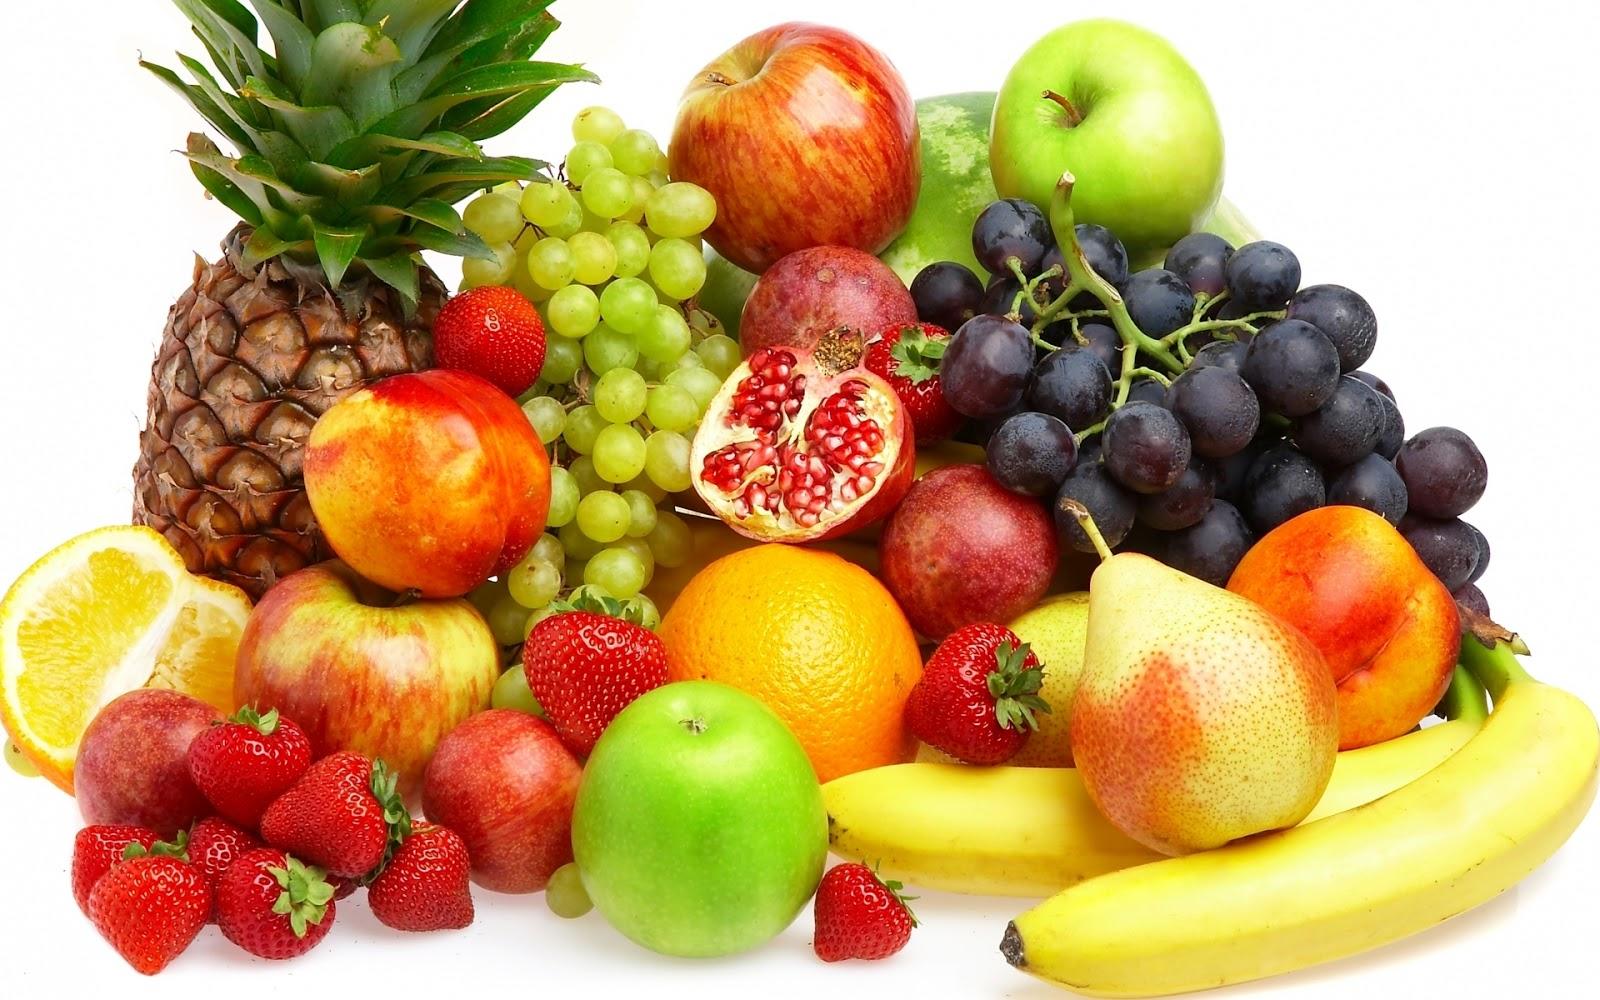 trái cây giúp bổ sung hàm lượng canxi và các dinh dưỡng thiết yếu khác giúp tăng chiều cao